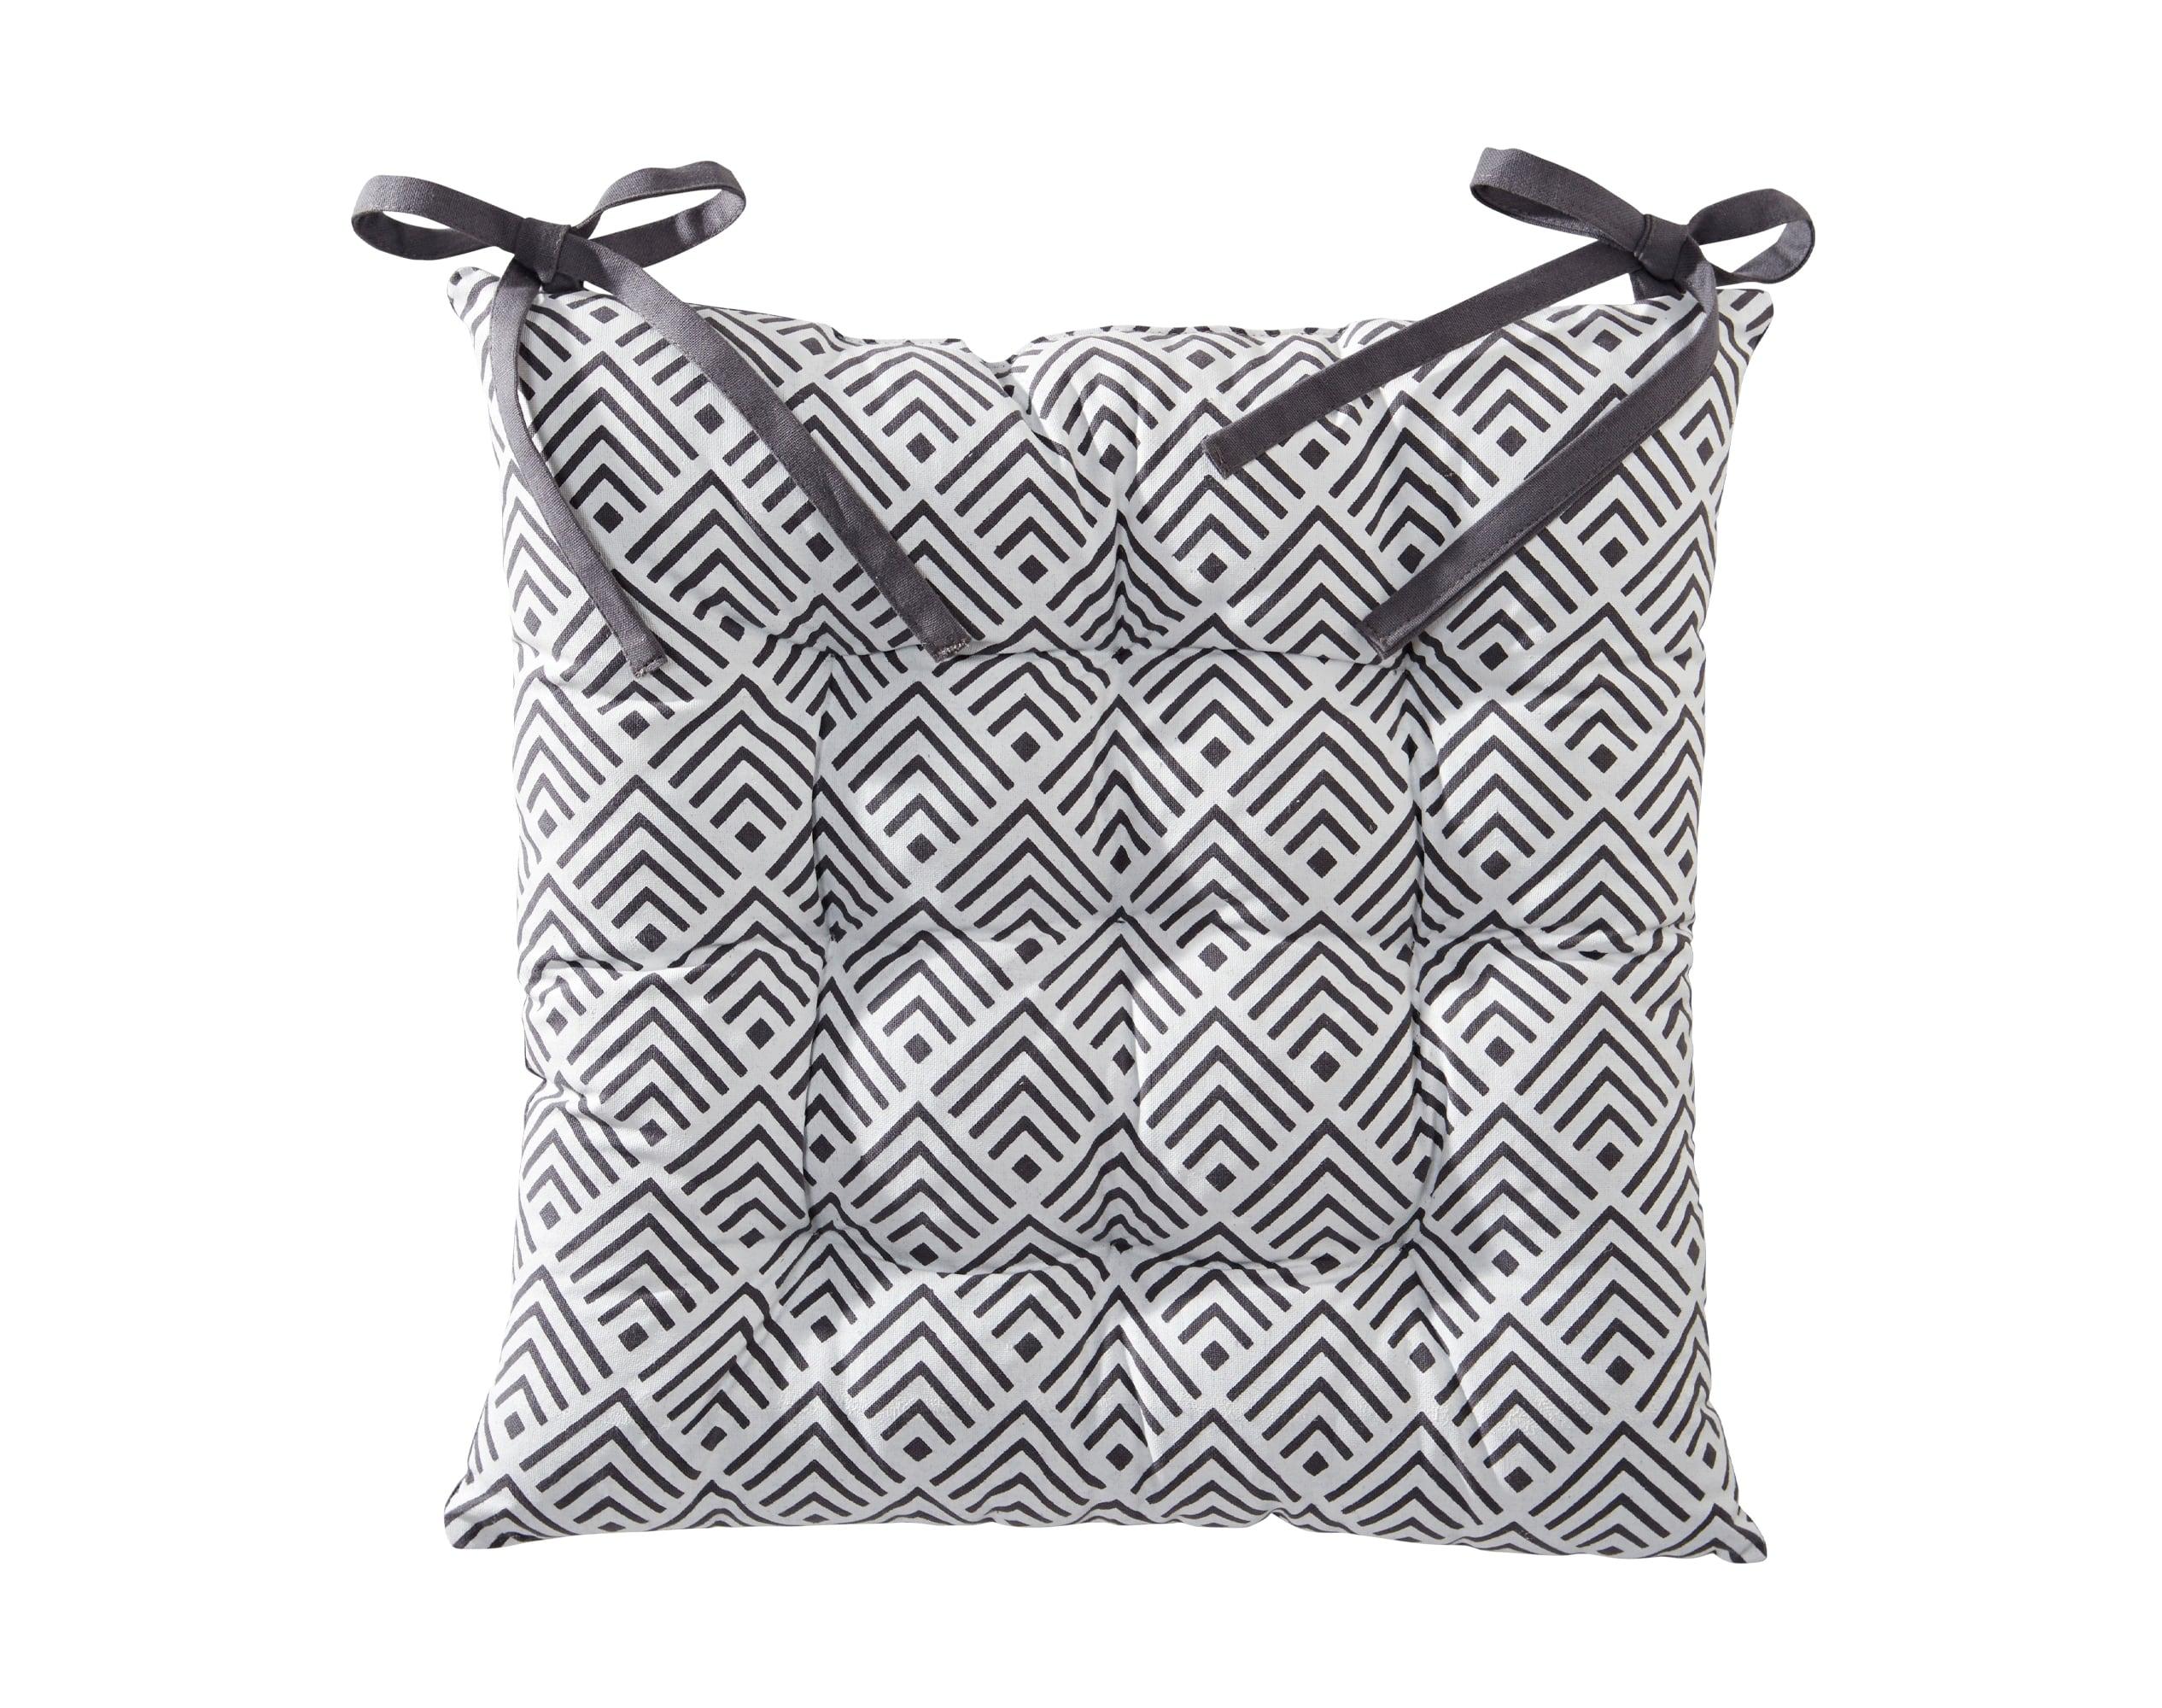 Galette de chaise réversible gris 40x40 en coton